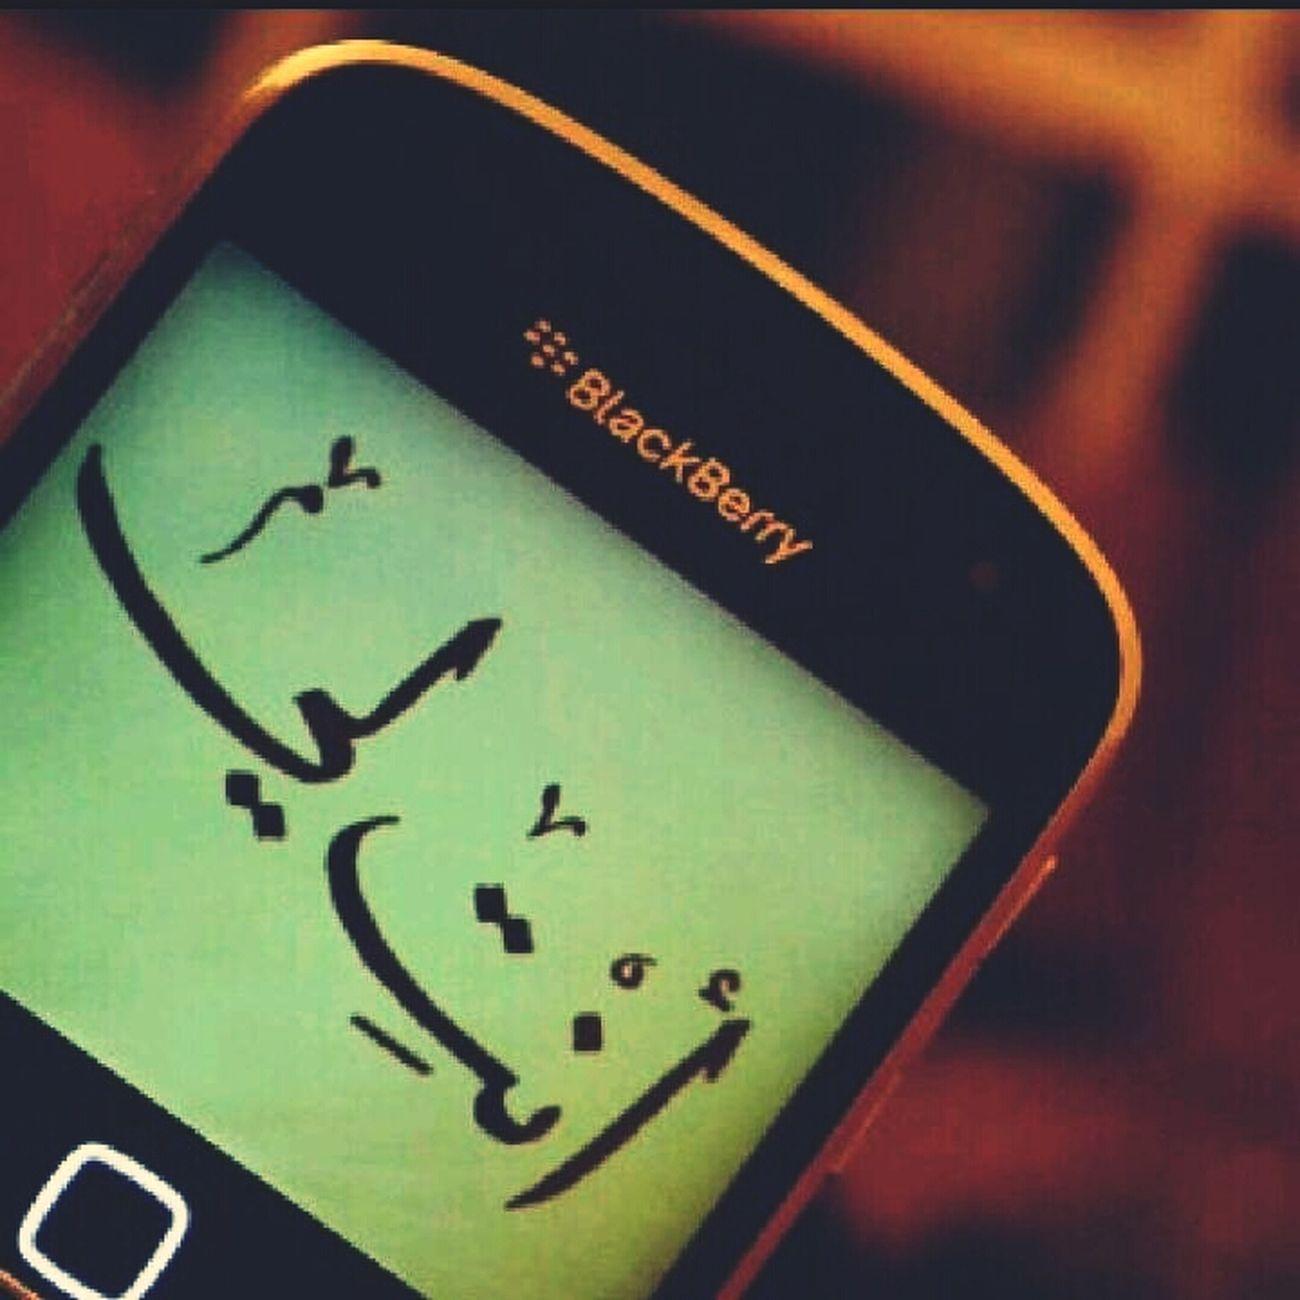 U For Me Taking Photos Talking Design انت لي انت حبي الابدي nona